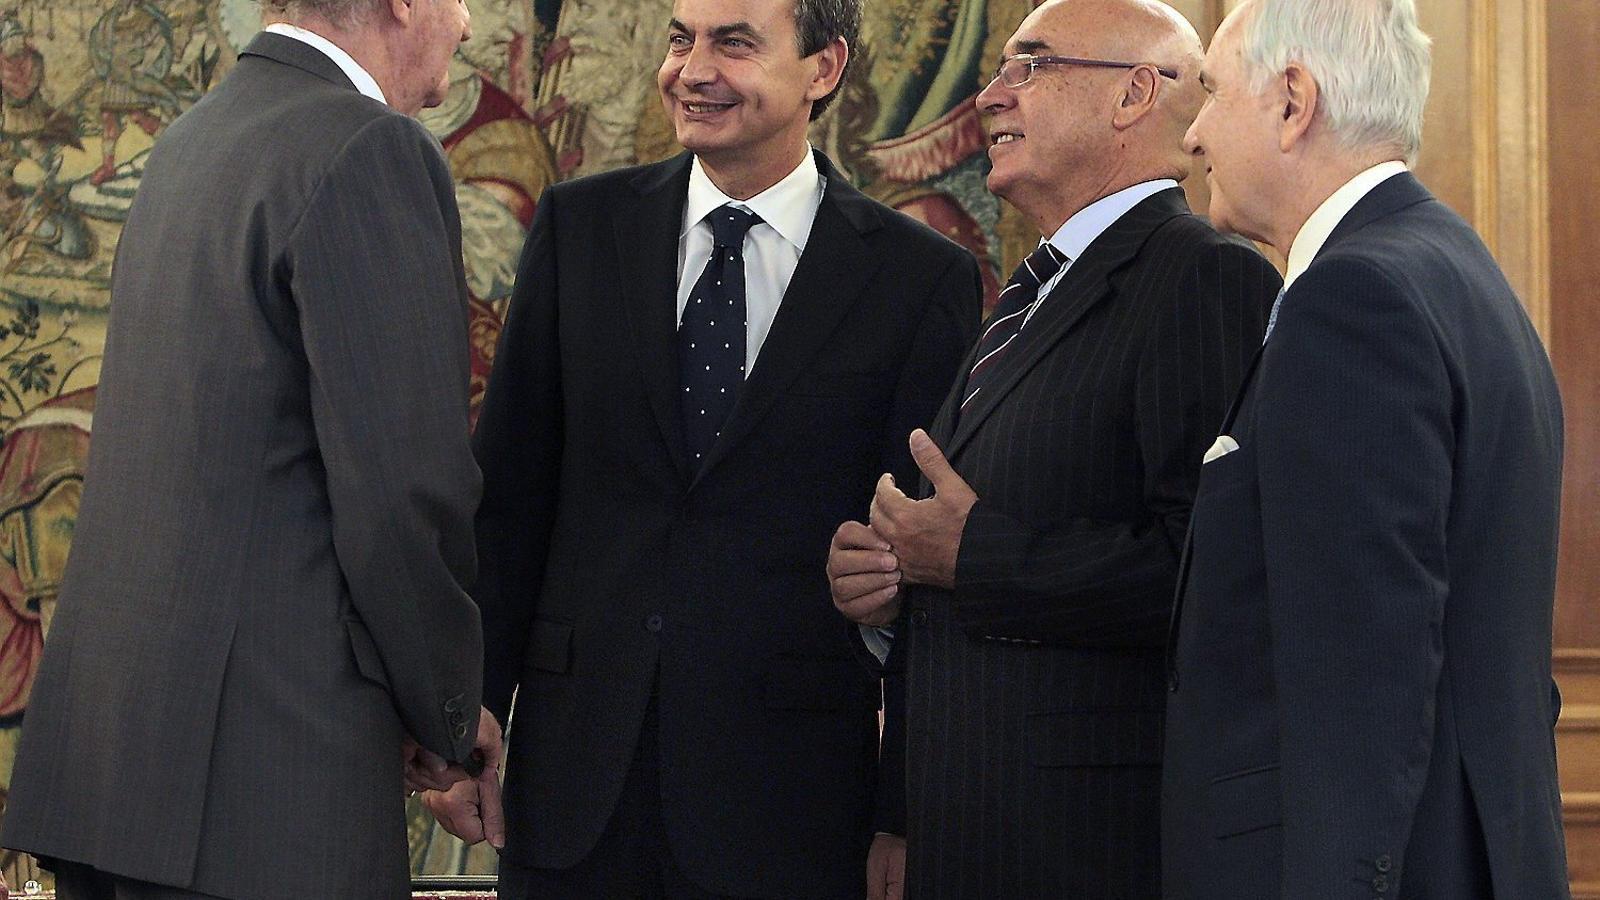 Joan Carles I i José Luis Rodríguez Zapatero van firmar el setembre del 2011 la reforma exprés de la Constitució per satisfer Alemanya i els creditors internacionals.